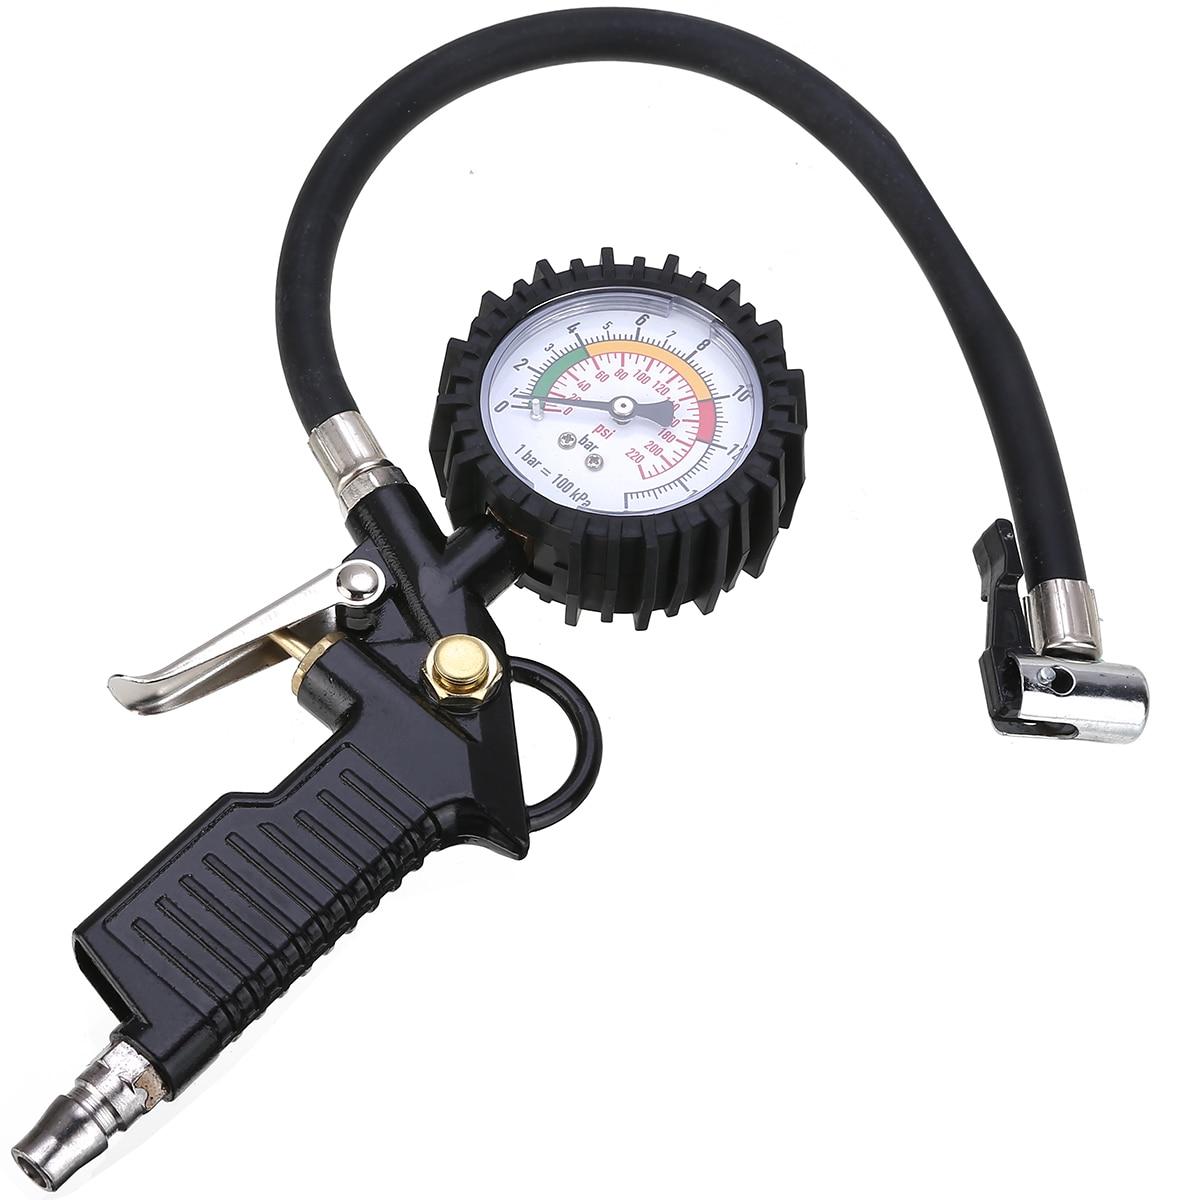 Новый автомобильный велосипедный манометр для шин, манометр для шин, пневматический инструмент для шин, манометр для компрессора, манометр ...